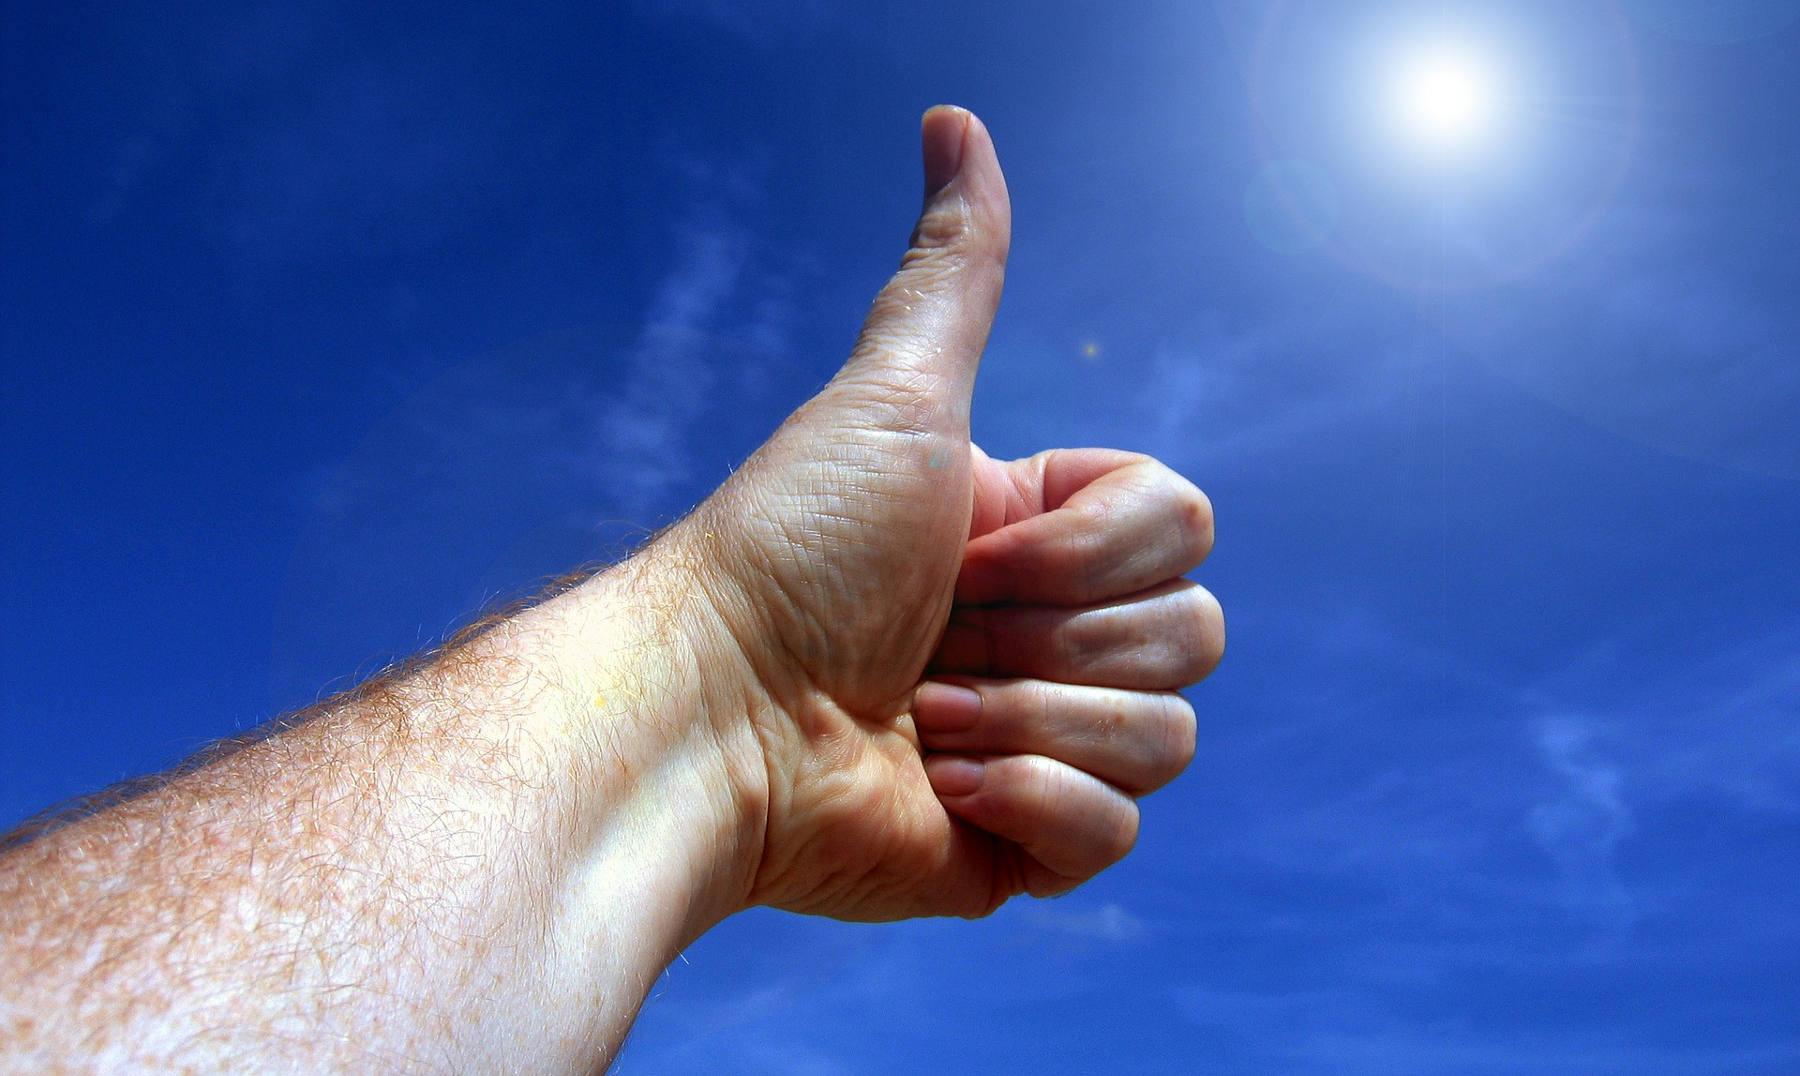 20 maneras de ser excelente en todo lo que hagas - Saludyamistad.com